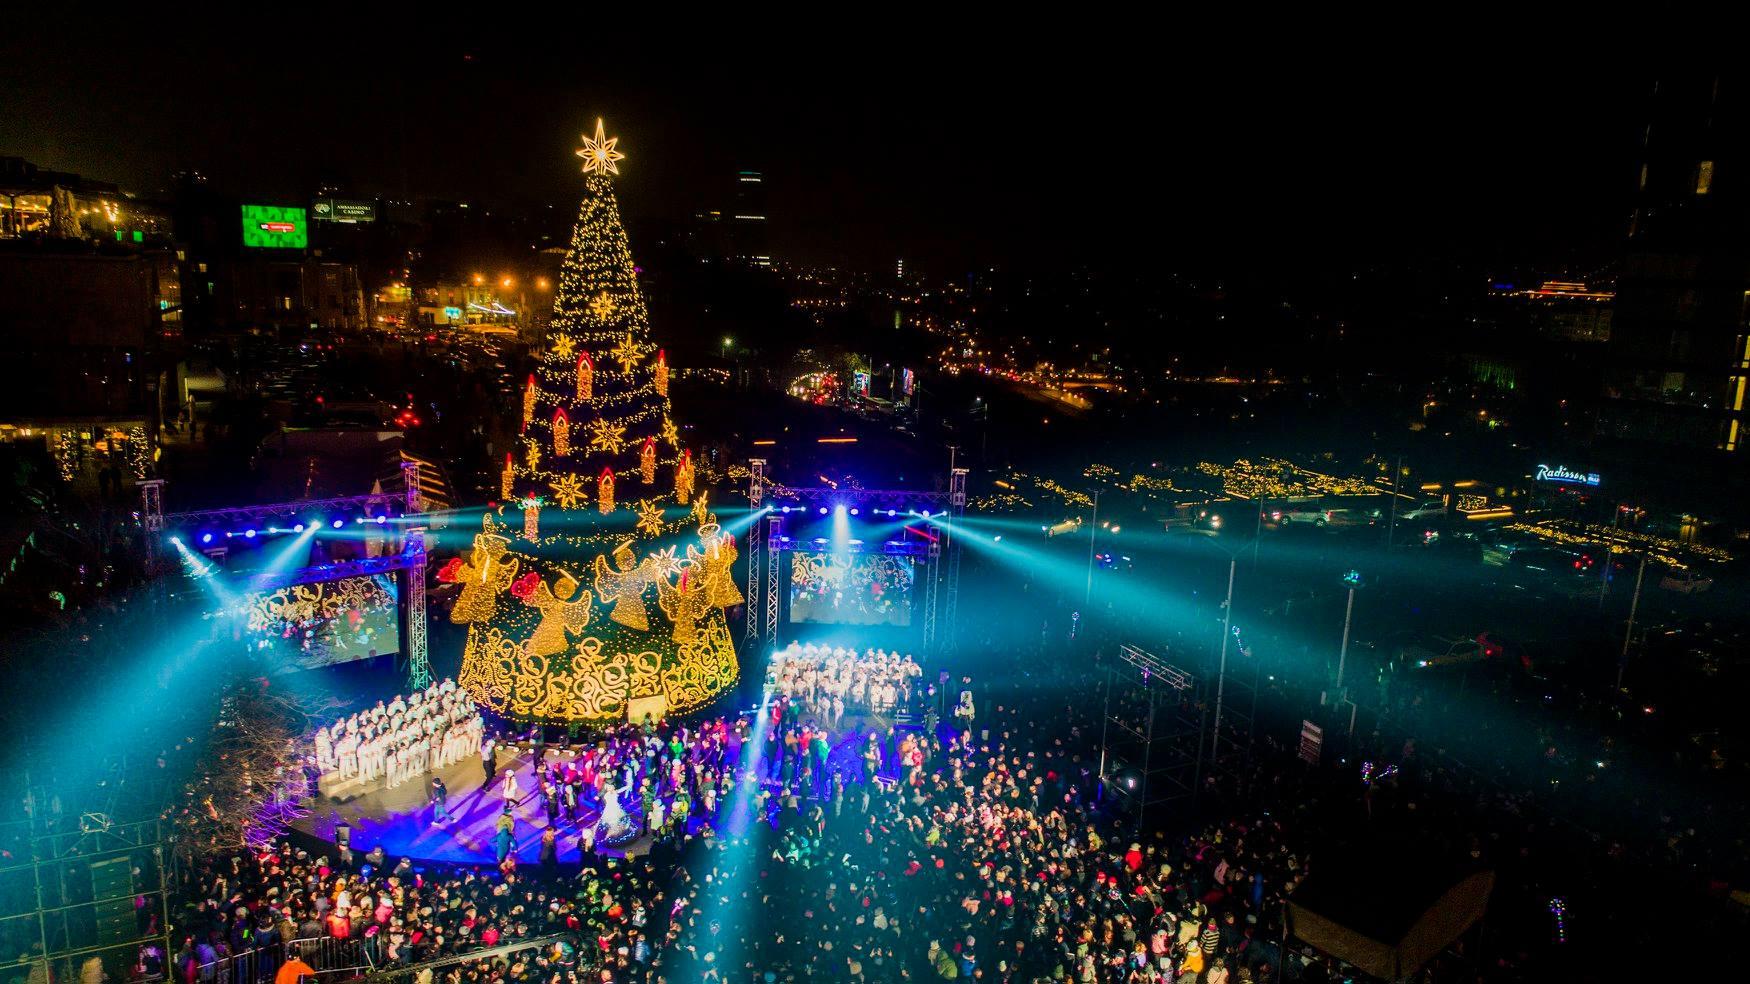 Tbilisi New Year #новости 2021 год, коронавирус в Грузии, мэрия Тбилиси, новый год